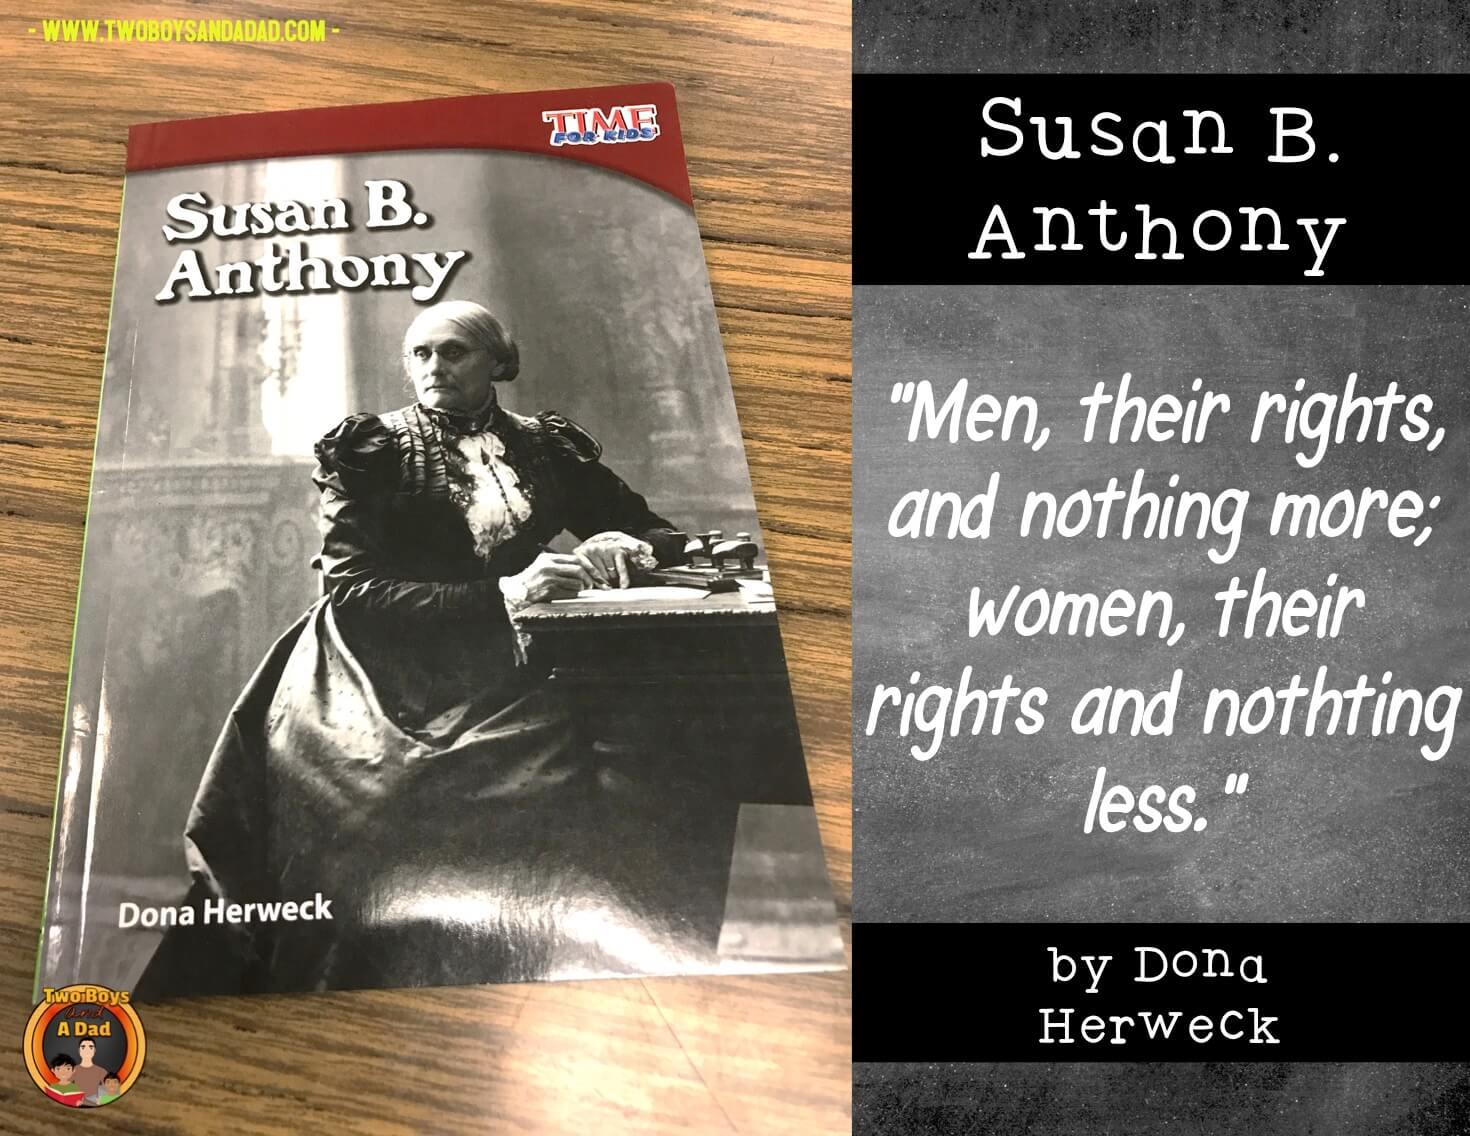 Susan B. Anthony an inspiring woman